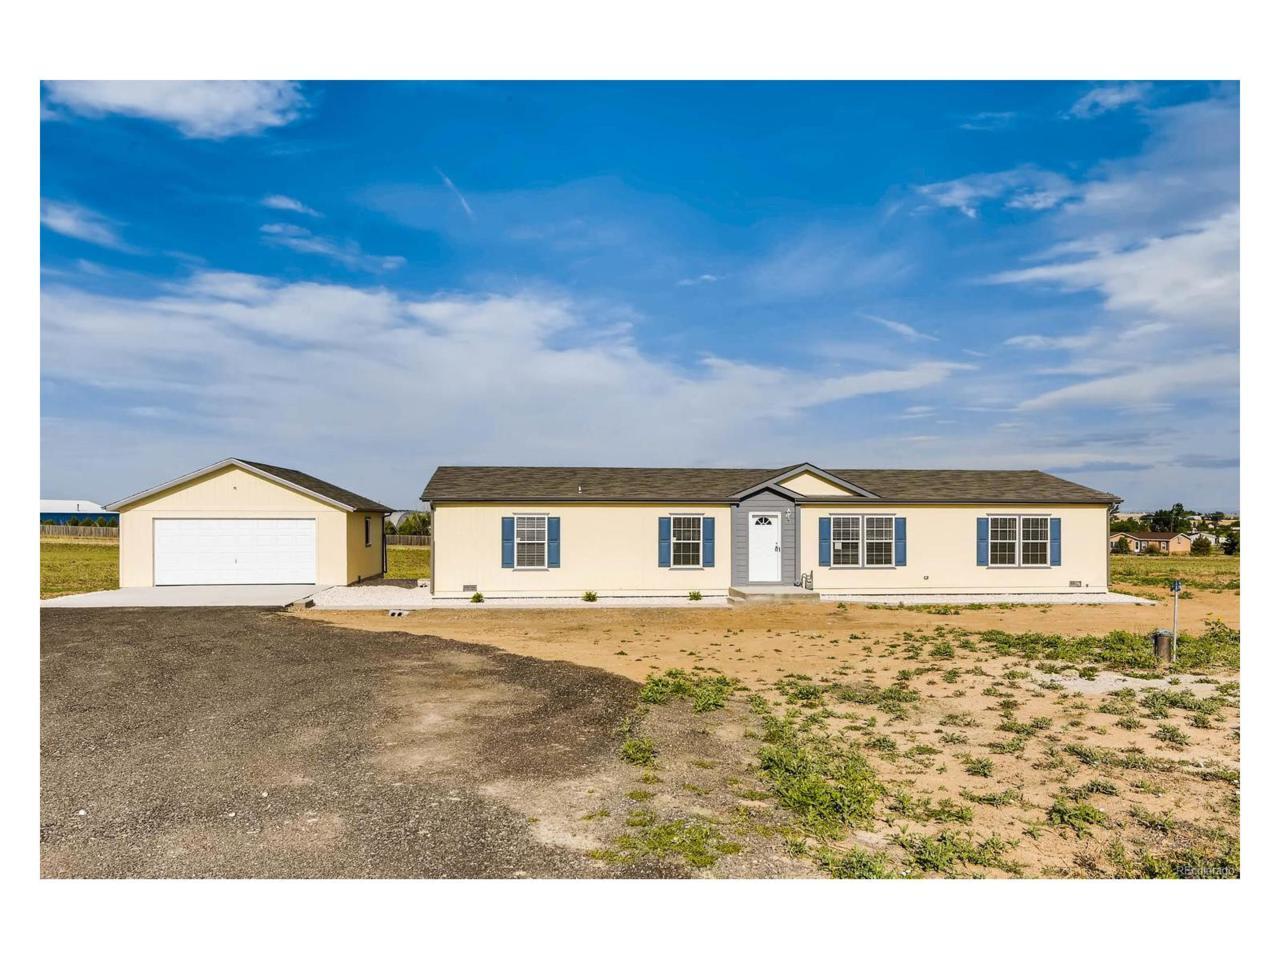 58620 E 40th Drive, Strasburg, CO 80136 (MLS #7784307) :: 8z Real Estate